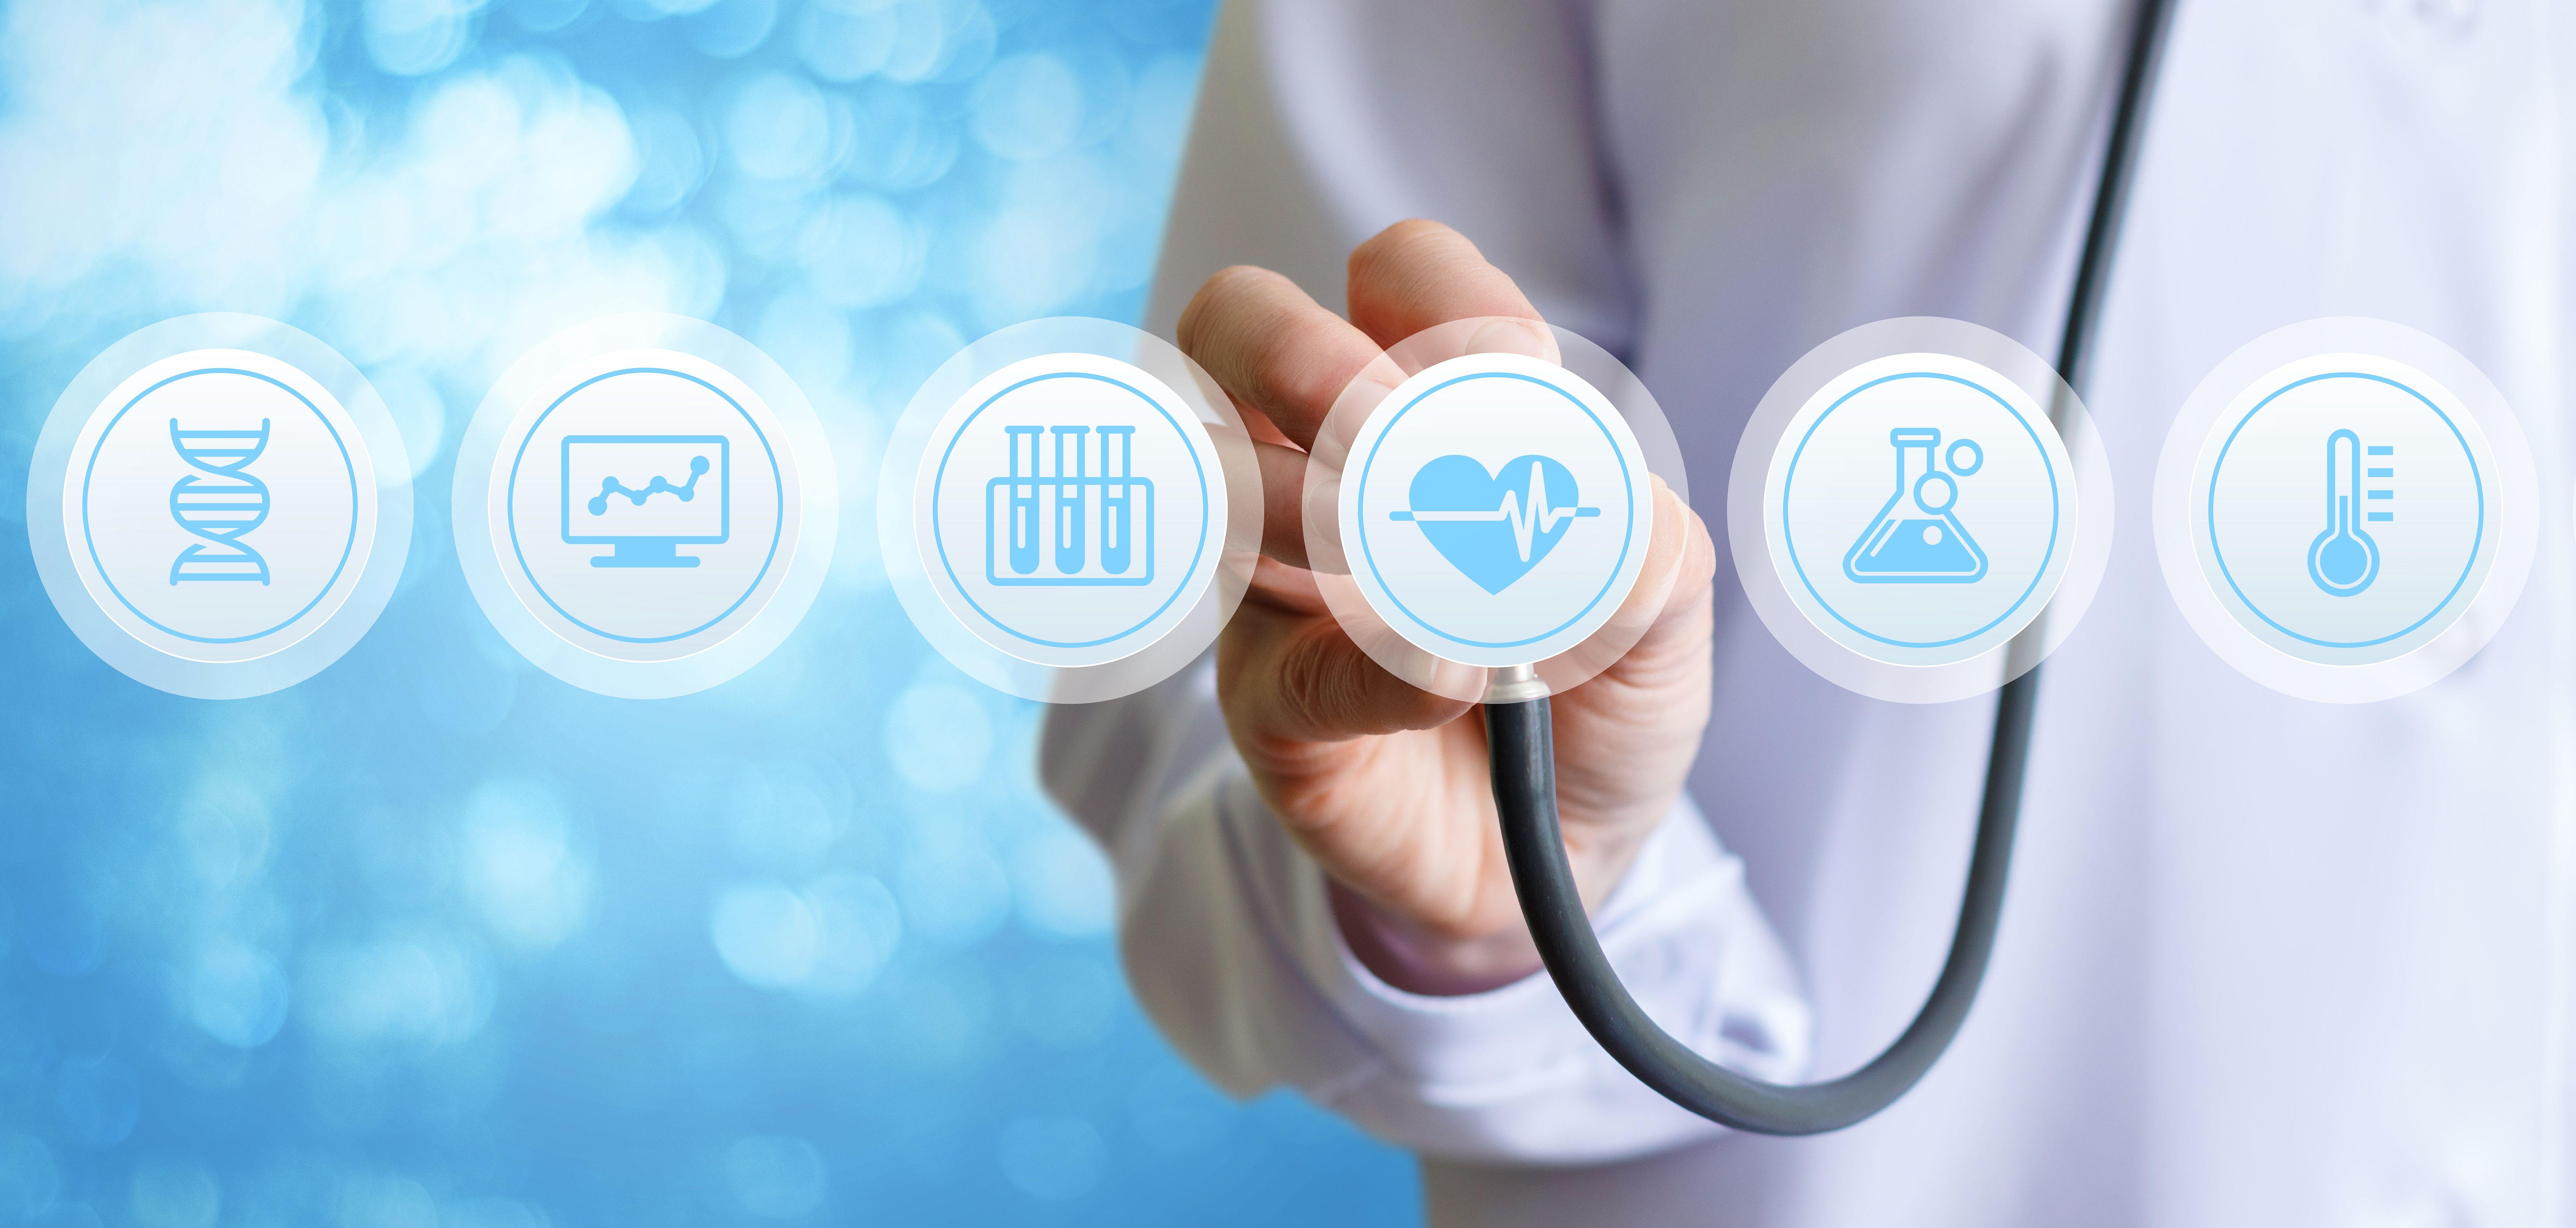 Evaluación del riesgo cardiovascular: Servicios de Farmacia Latasa Barros